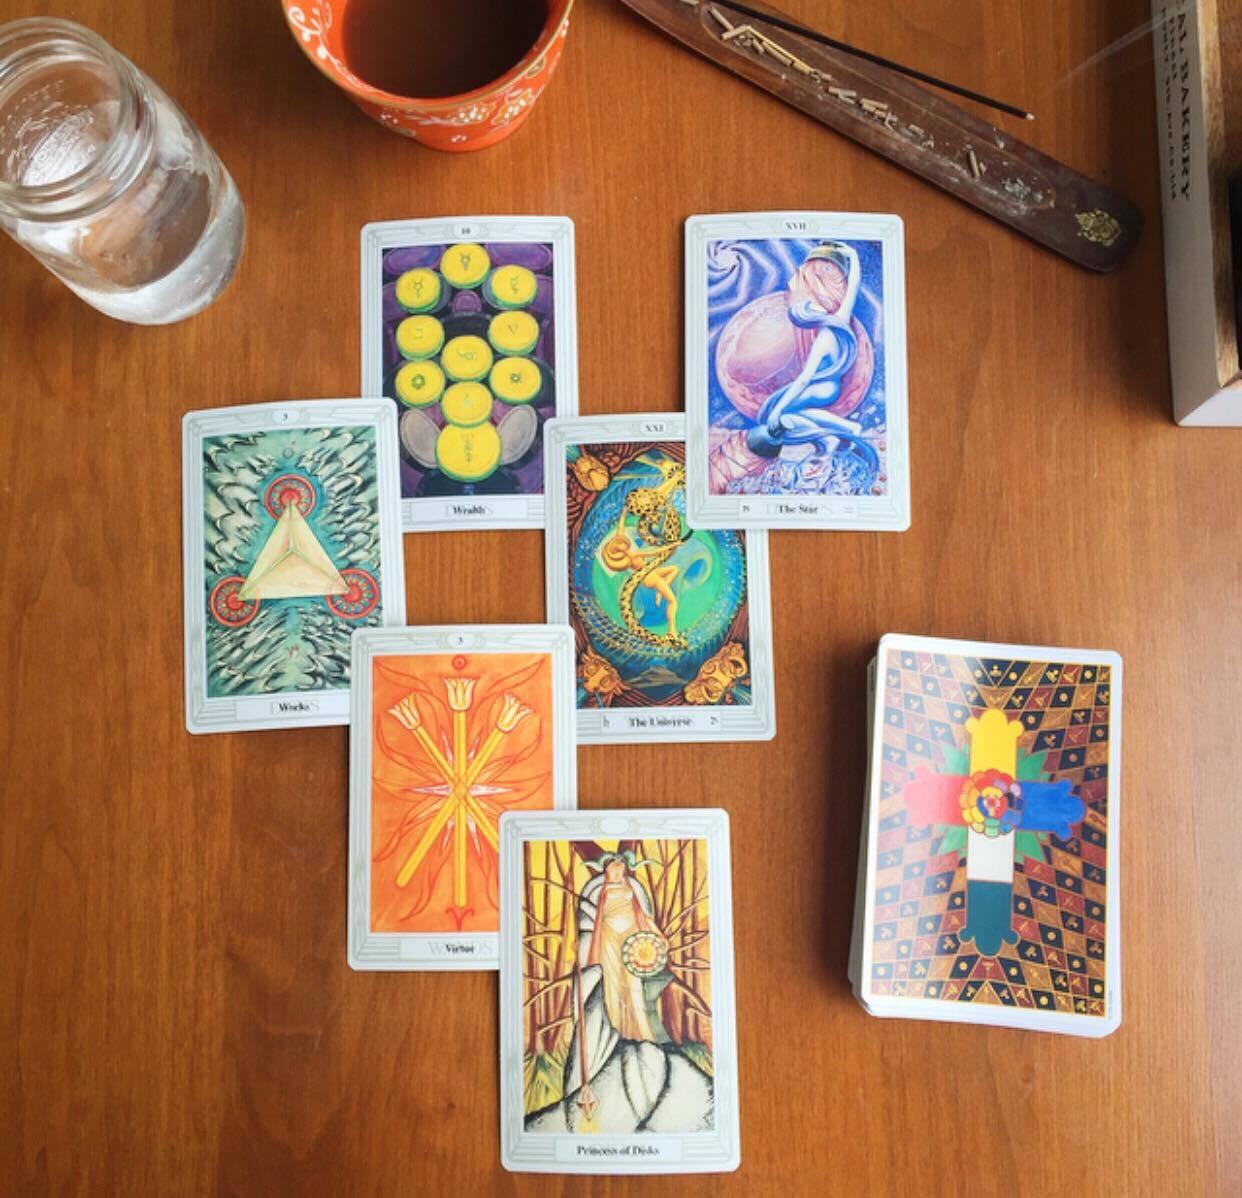 spirit-guides-tarot-spread.jpg